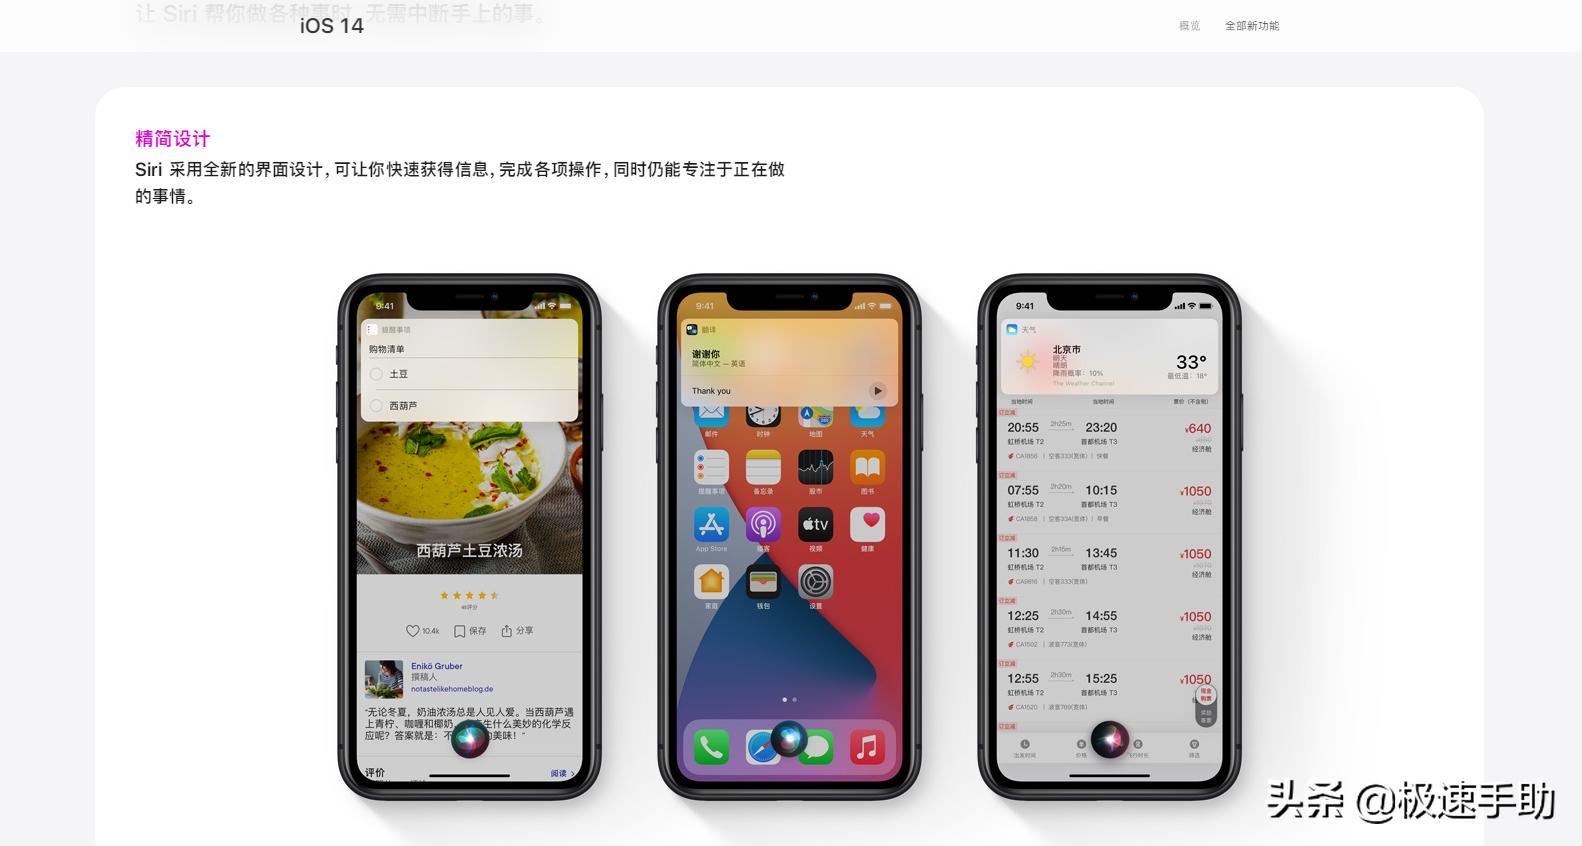 手机激活是什么意思(新手机怎么才算激活)